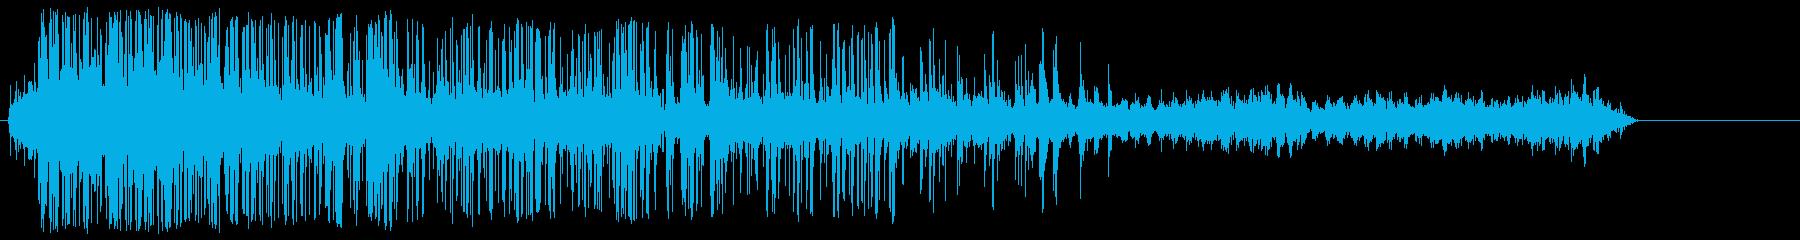 シュレッダー動作音の再生済みの波形